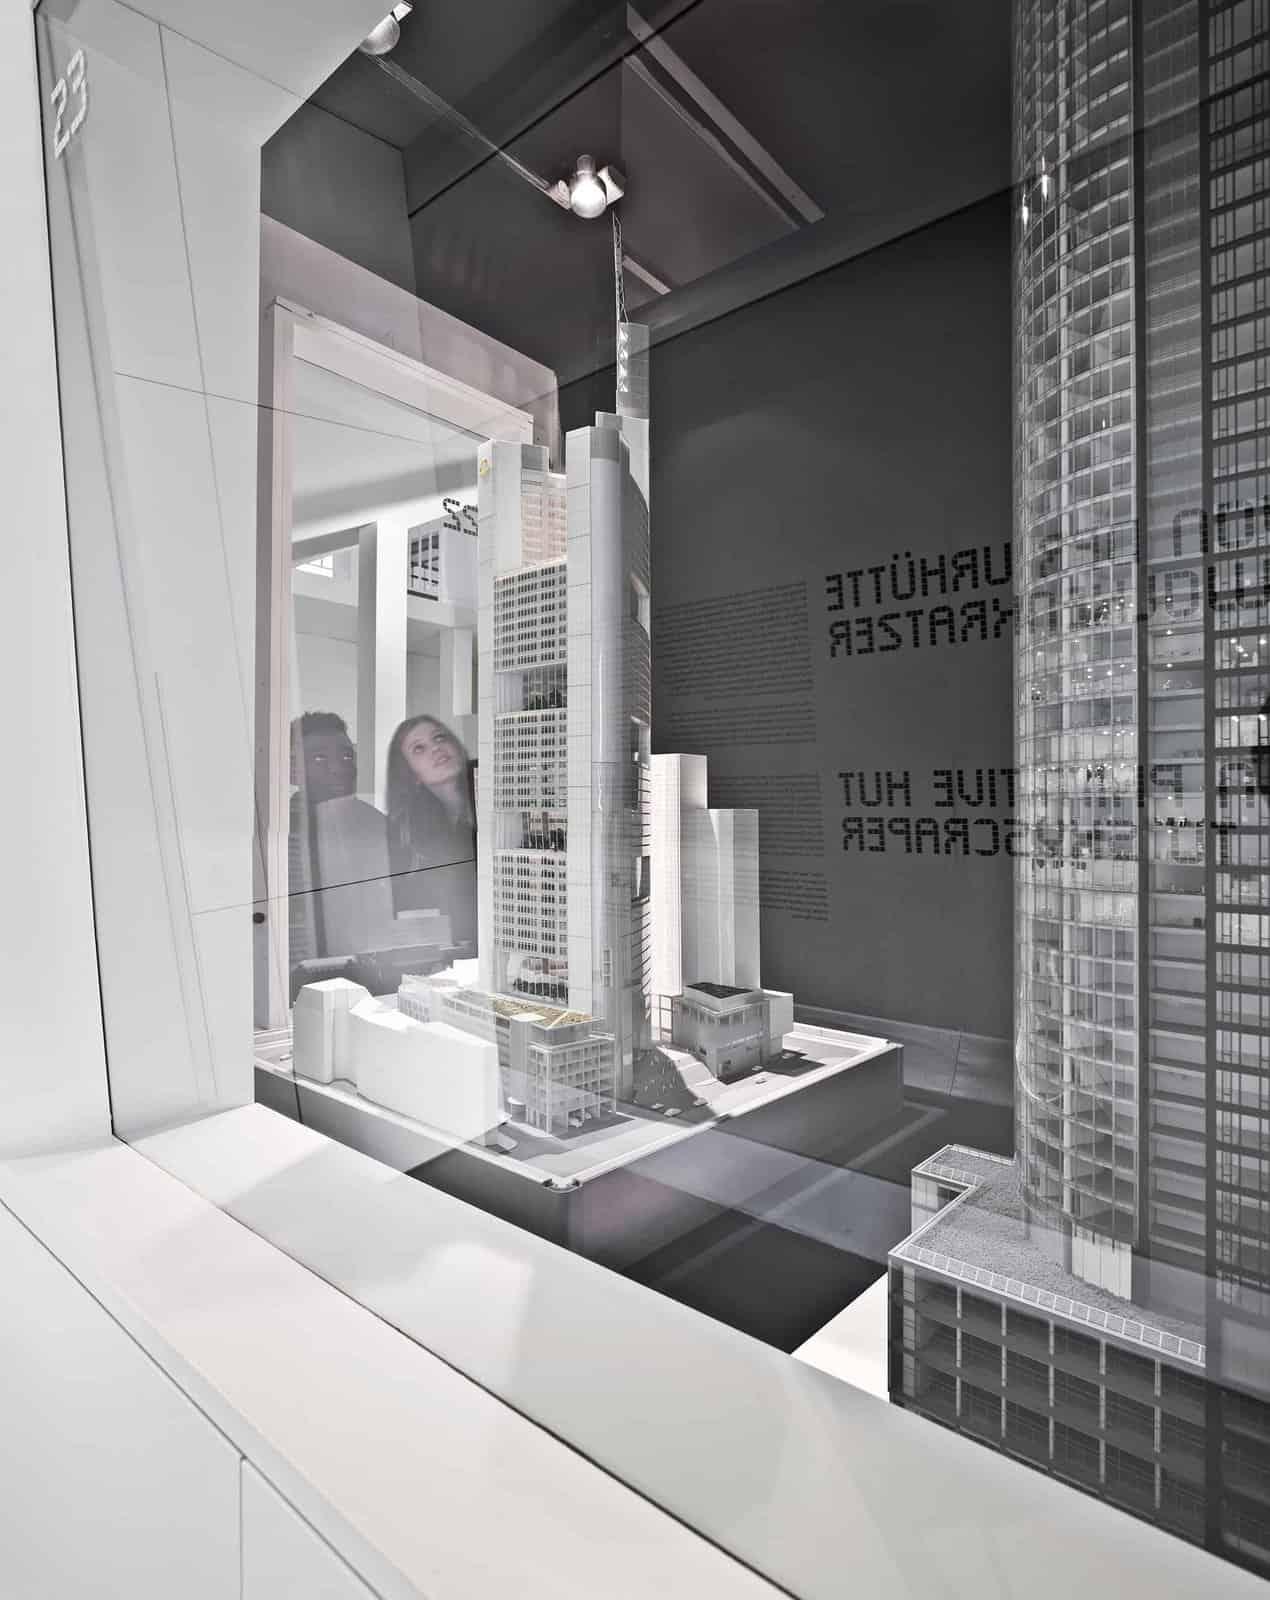 Dauerausstellung – Von der Urhütte zum Wolkenkratzer \ Foto: Norbert Miguletz, Frankfurt am Main